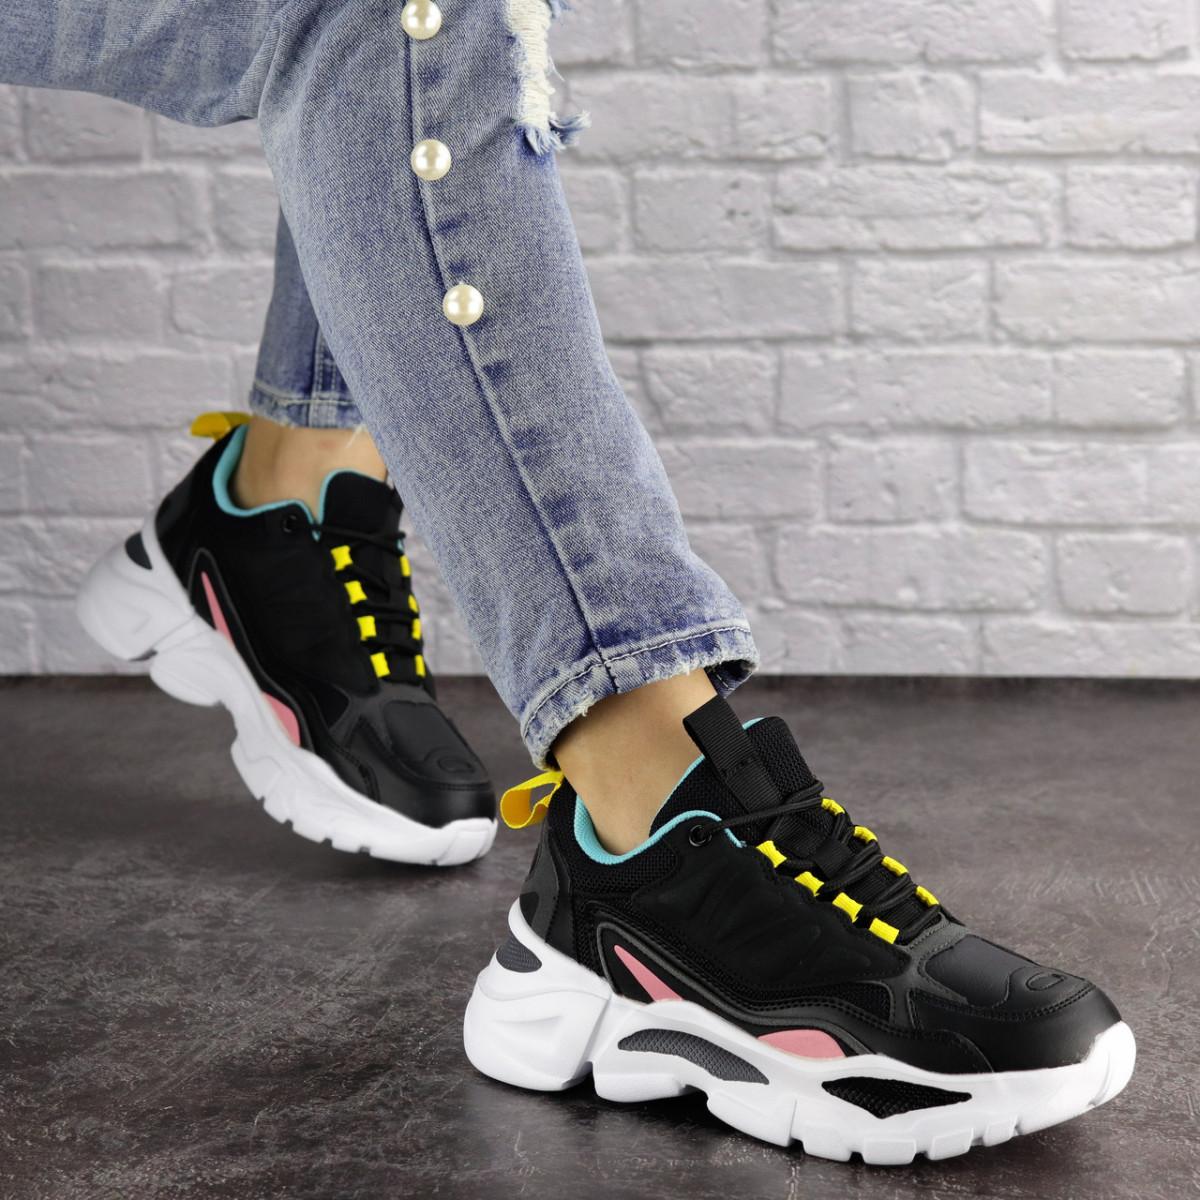 Женские кроссовки Fashion Nando 1393 37 размер 23,5 см Черный